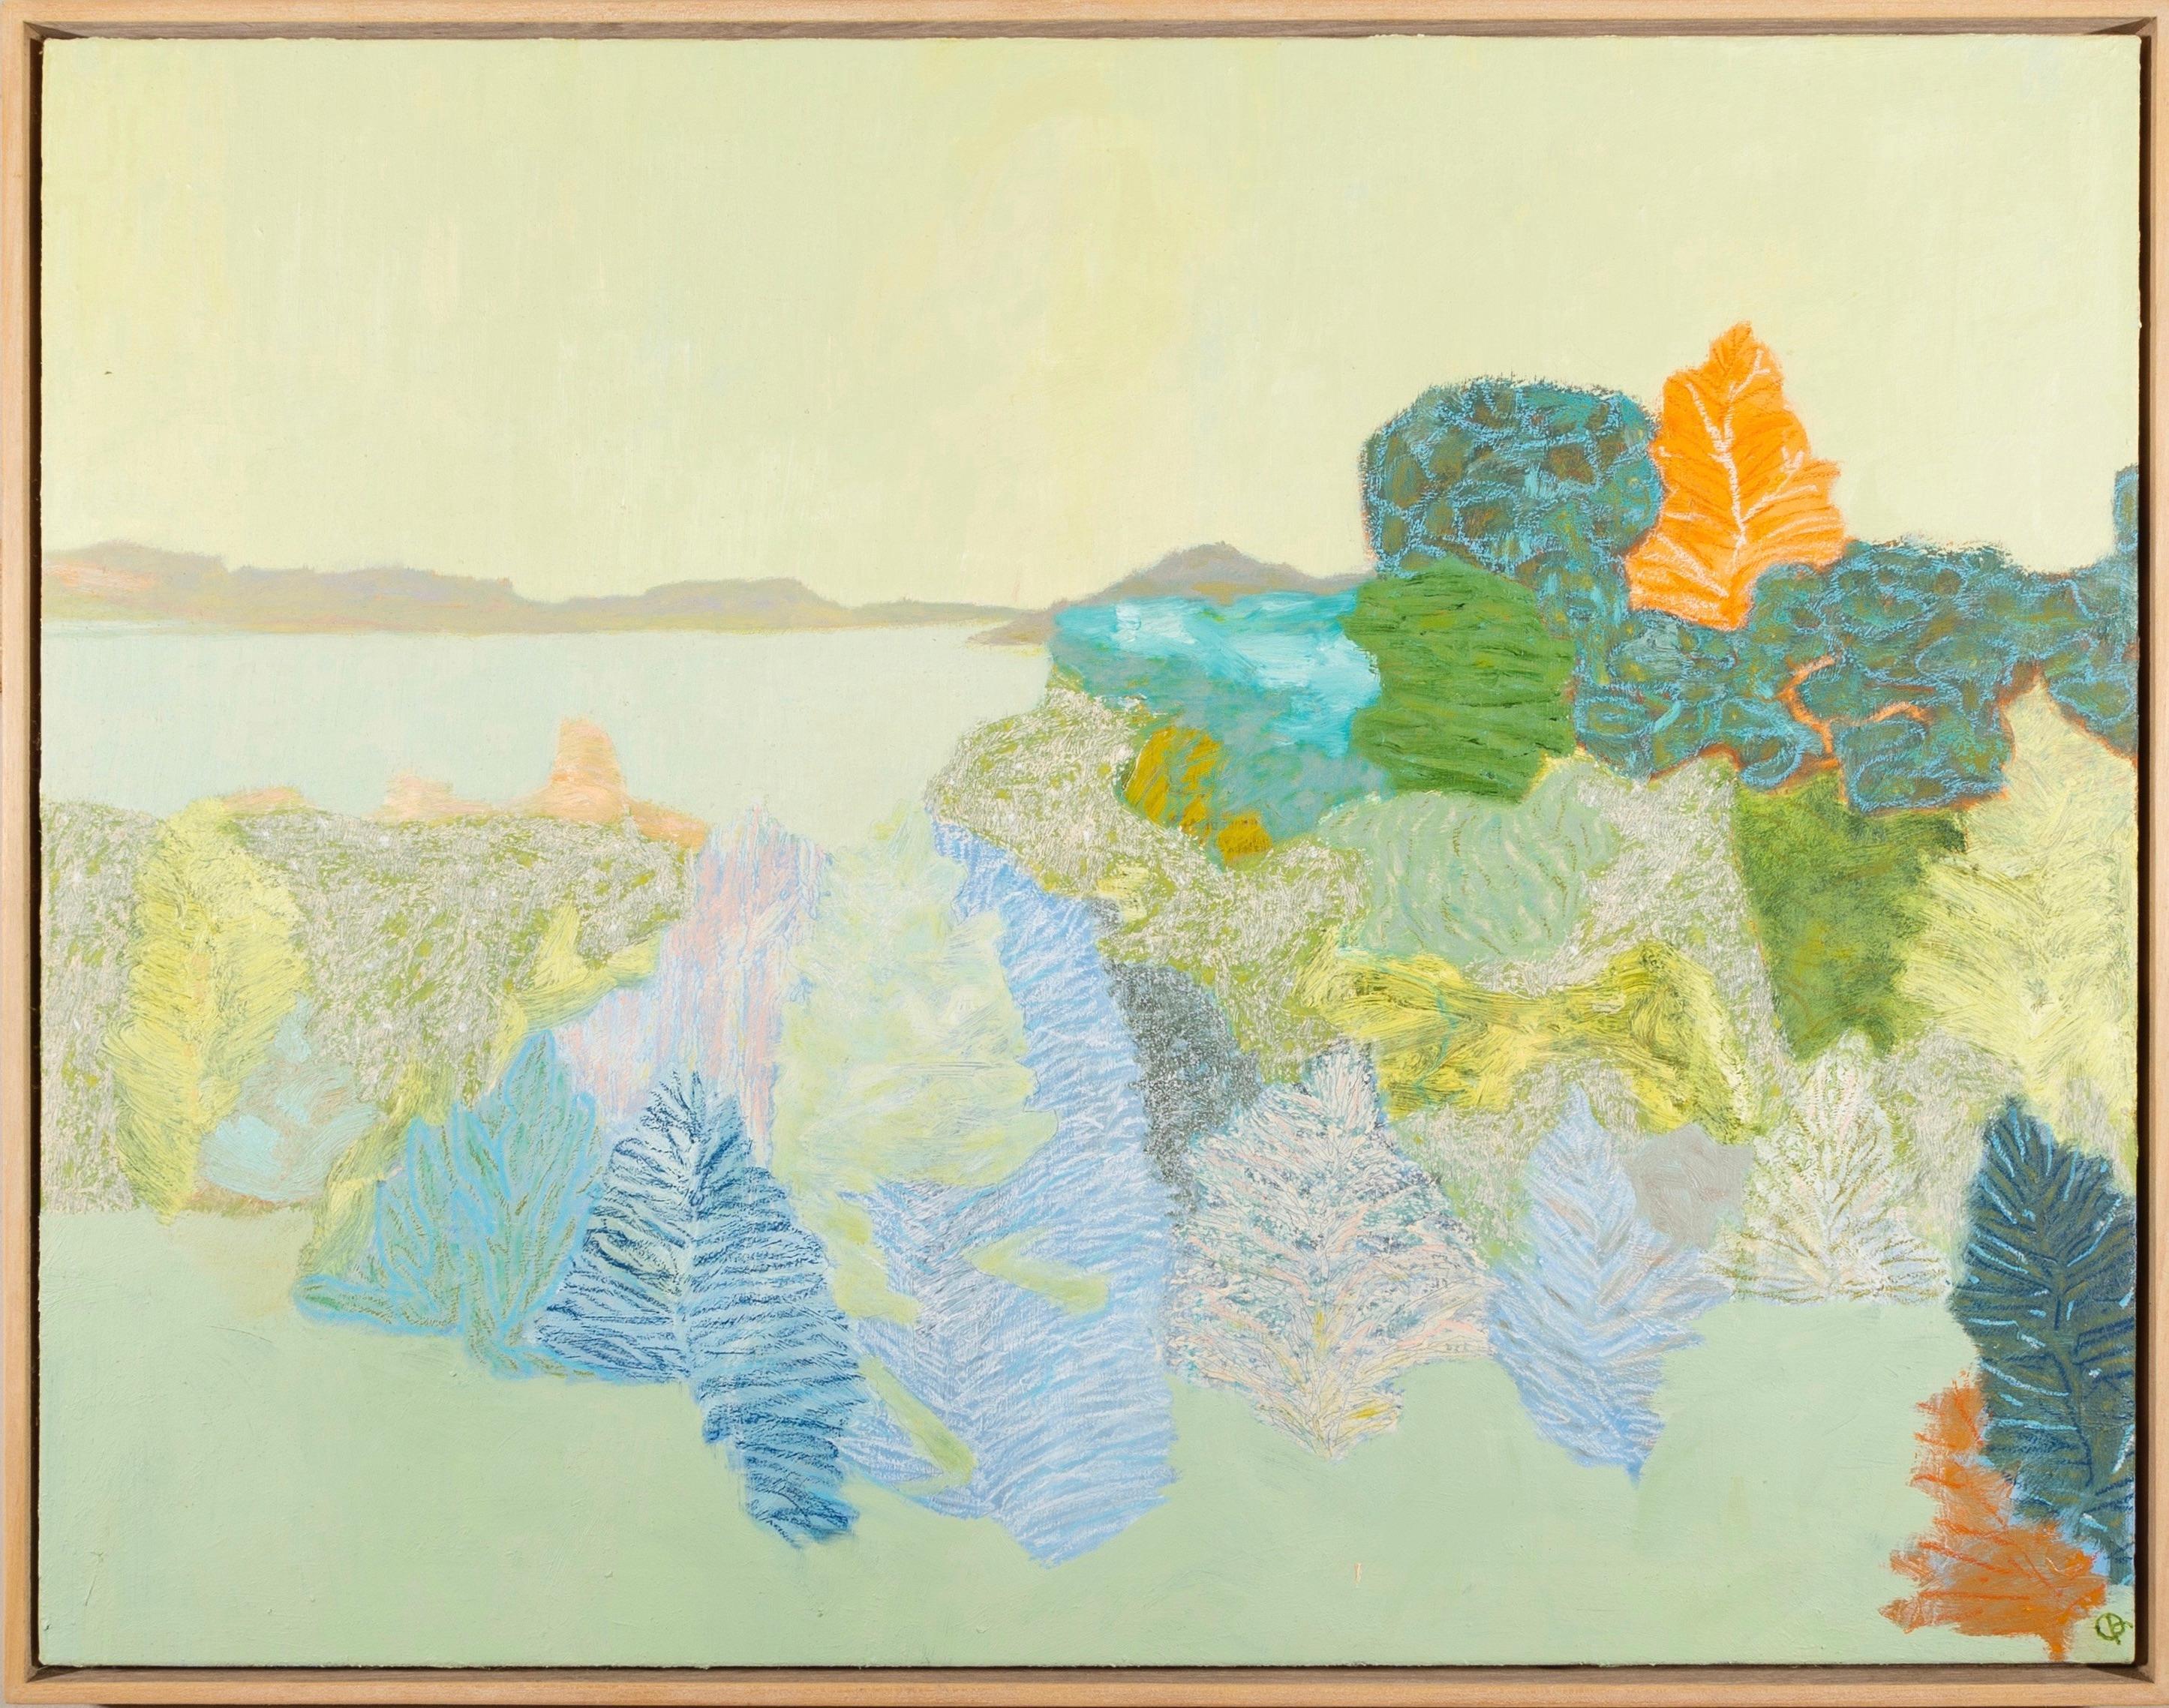 Richard Ballinger Sea Shelter landscape oil painting 2017-18